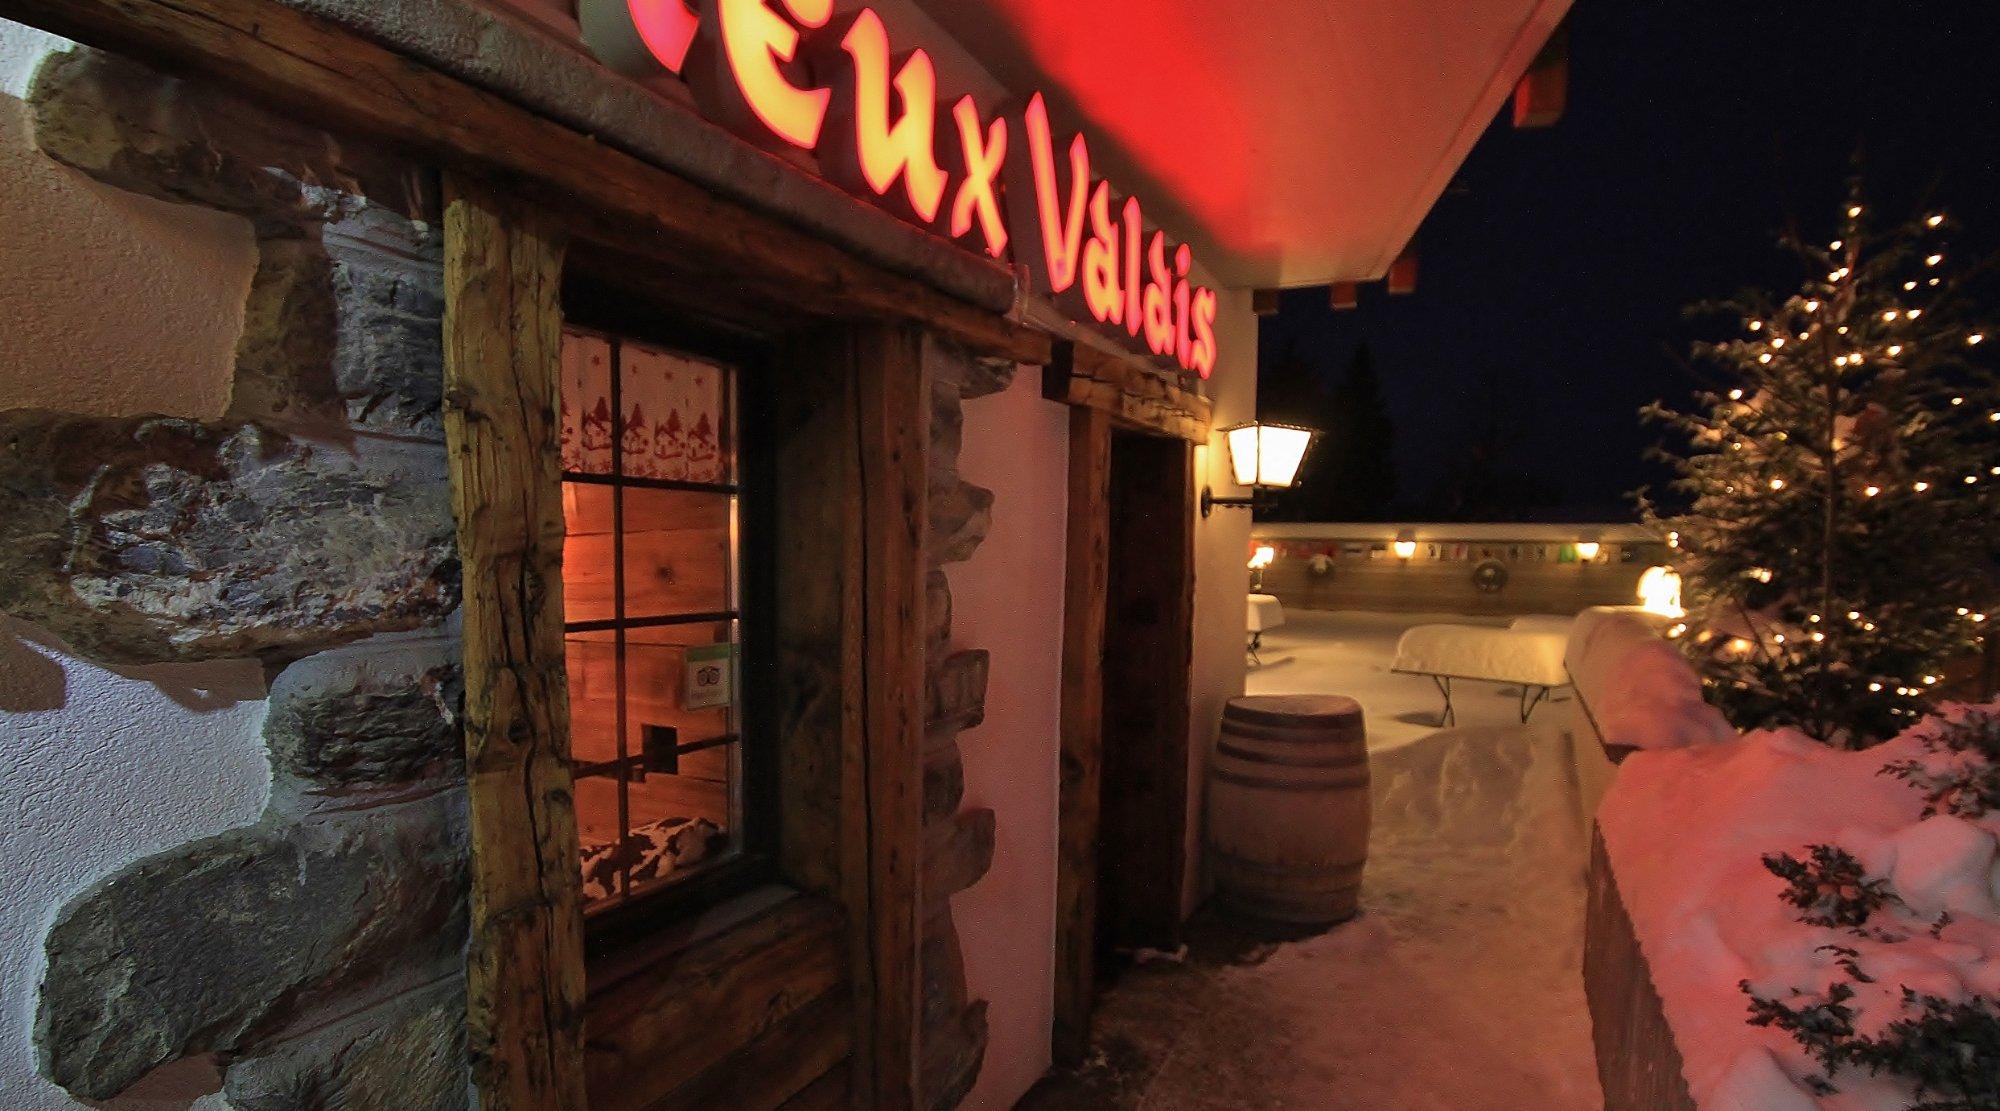 Vieux Valais Aftersky